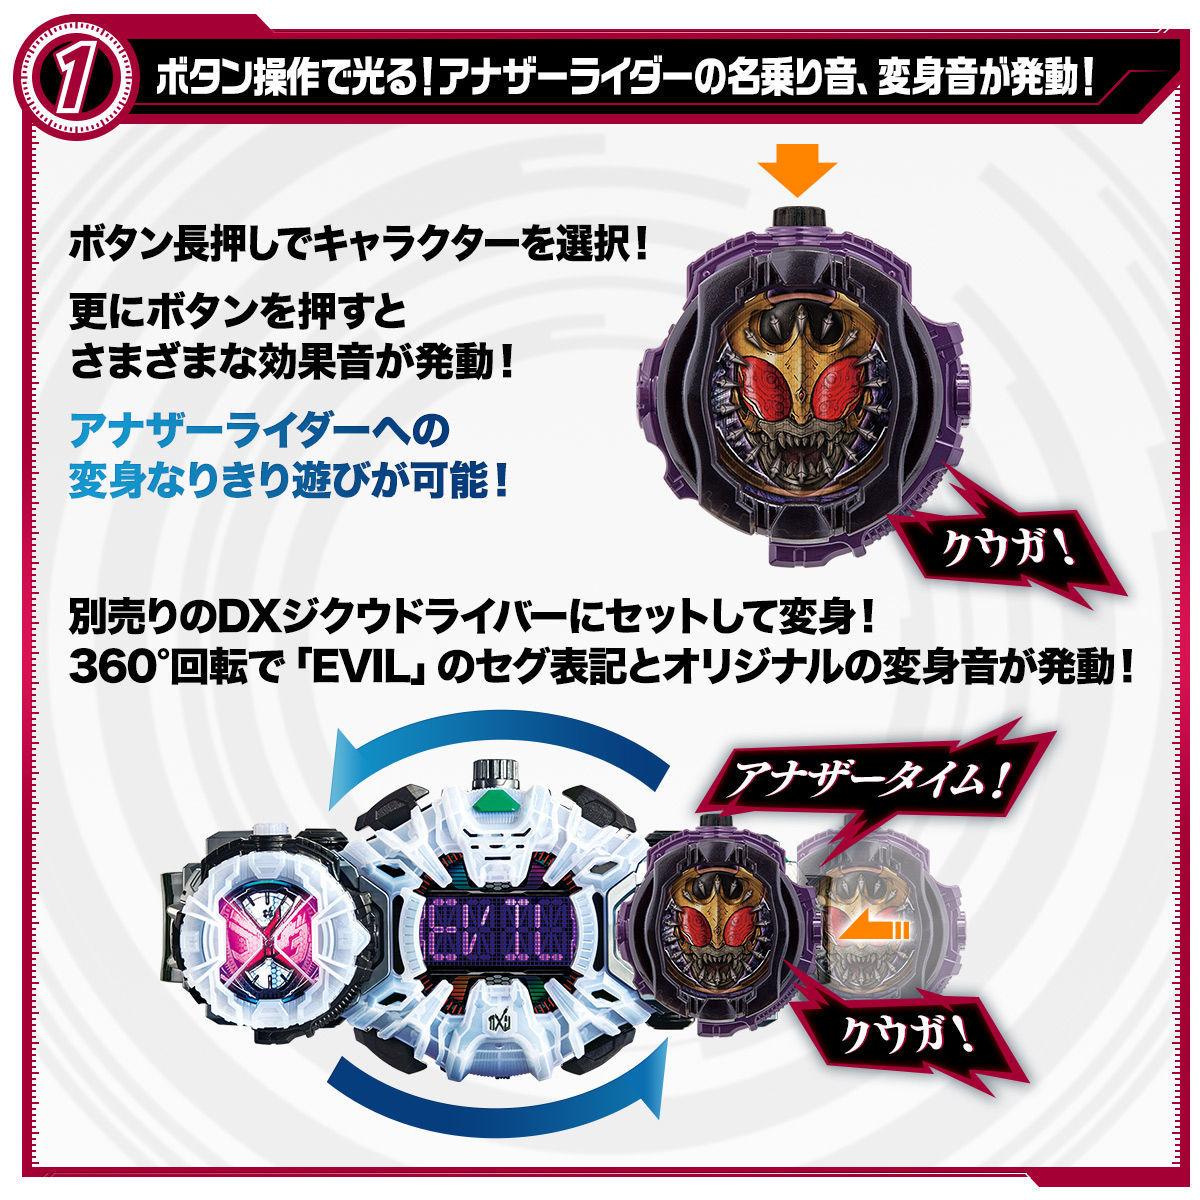 仮面ライダージオウ『DXアナザーウォッチセットVOL.2』変身なりきり-002